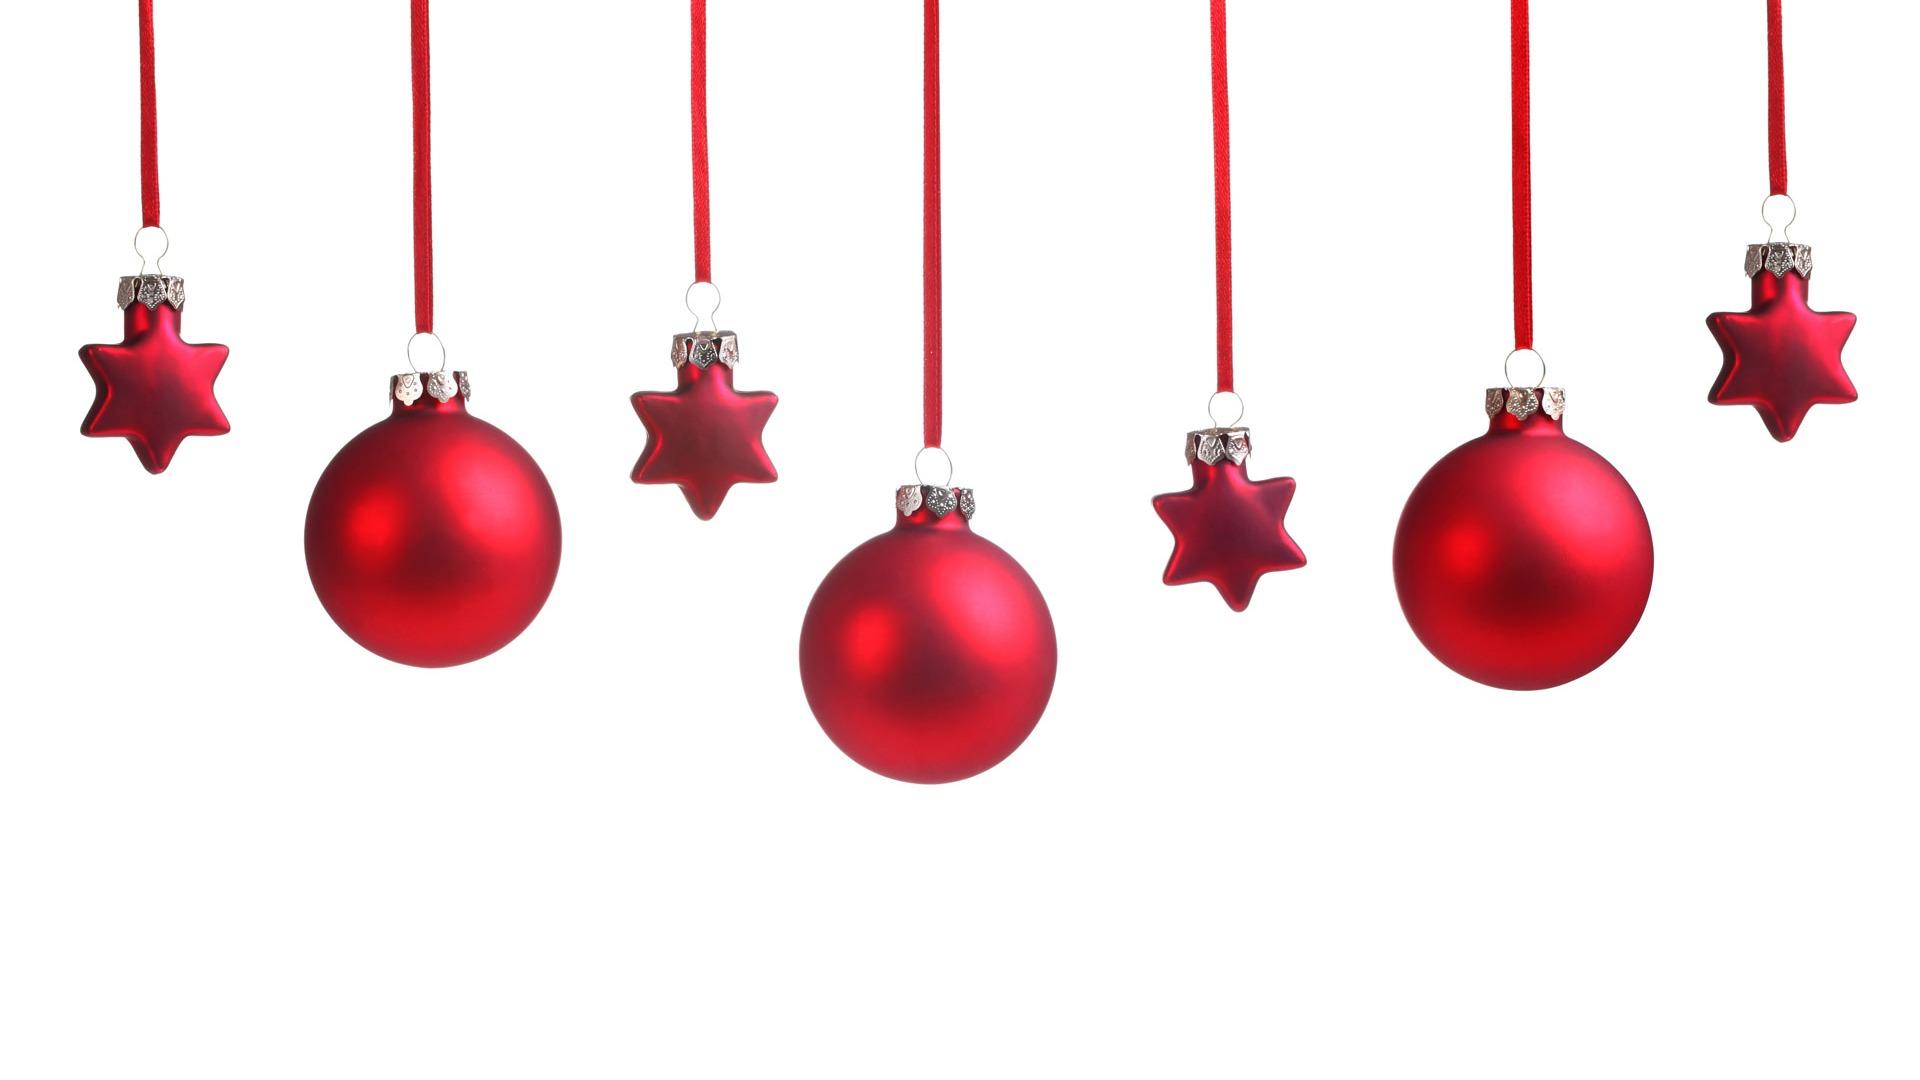 Navidad bolas de papel tapiz 2 16 1920x1080 fondos de - Bolas de navidad ...